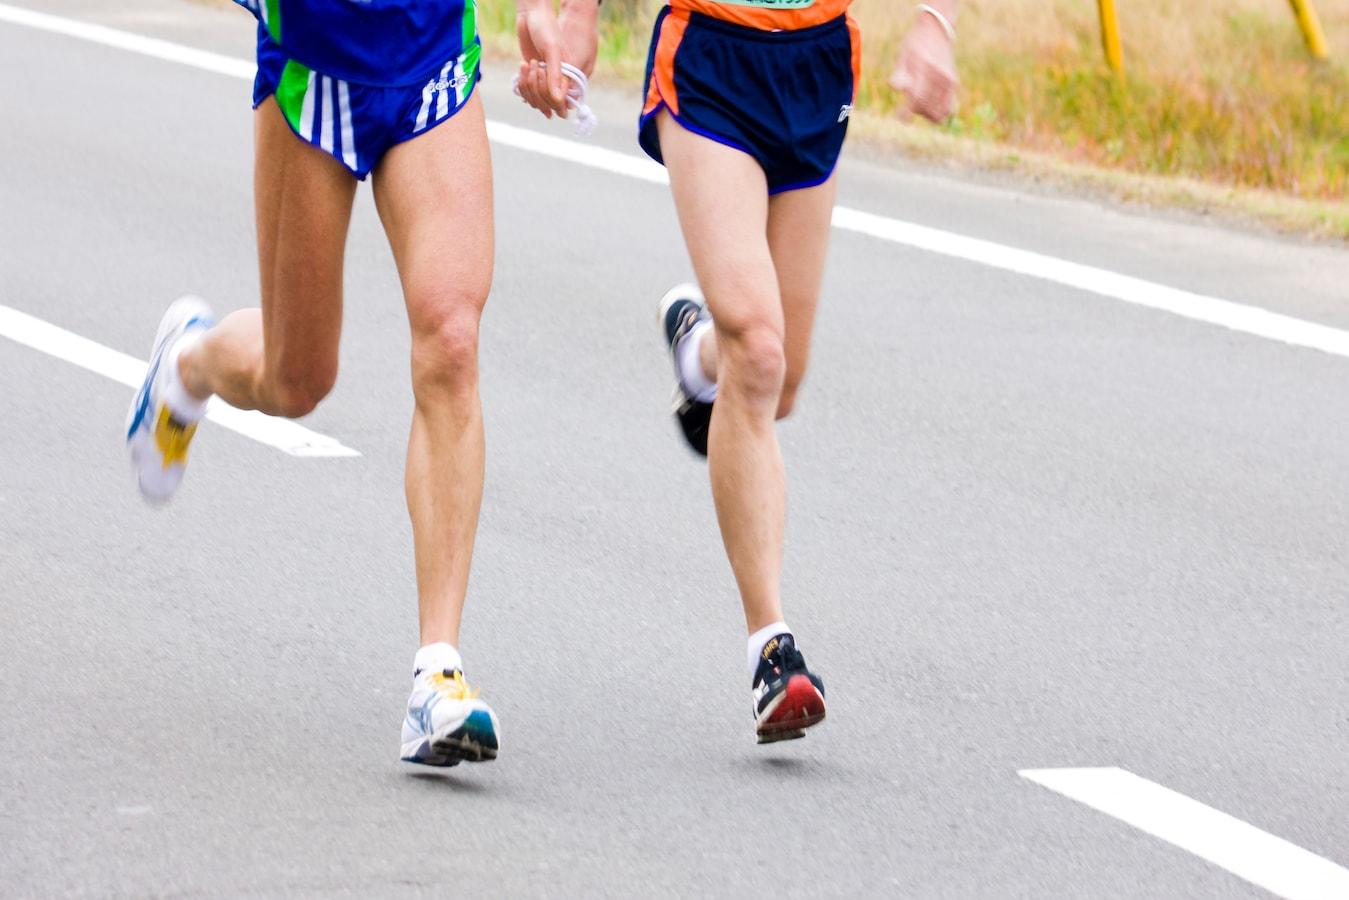 ハーフマラソン初心者のための走り方のコツ・ペース配分 [ジョギング・マラソン] All About